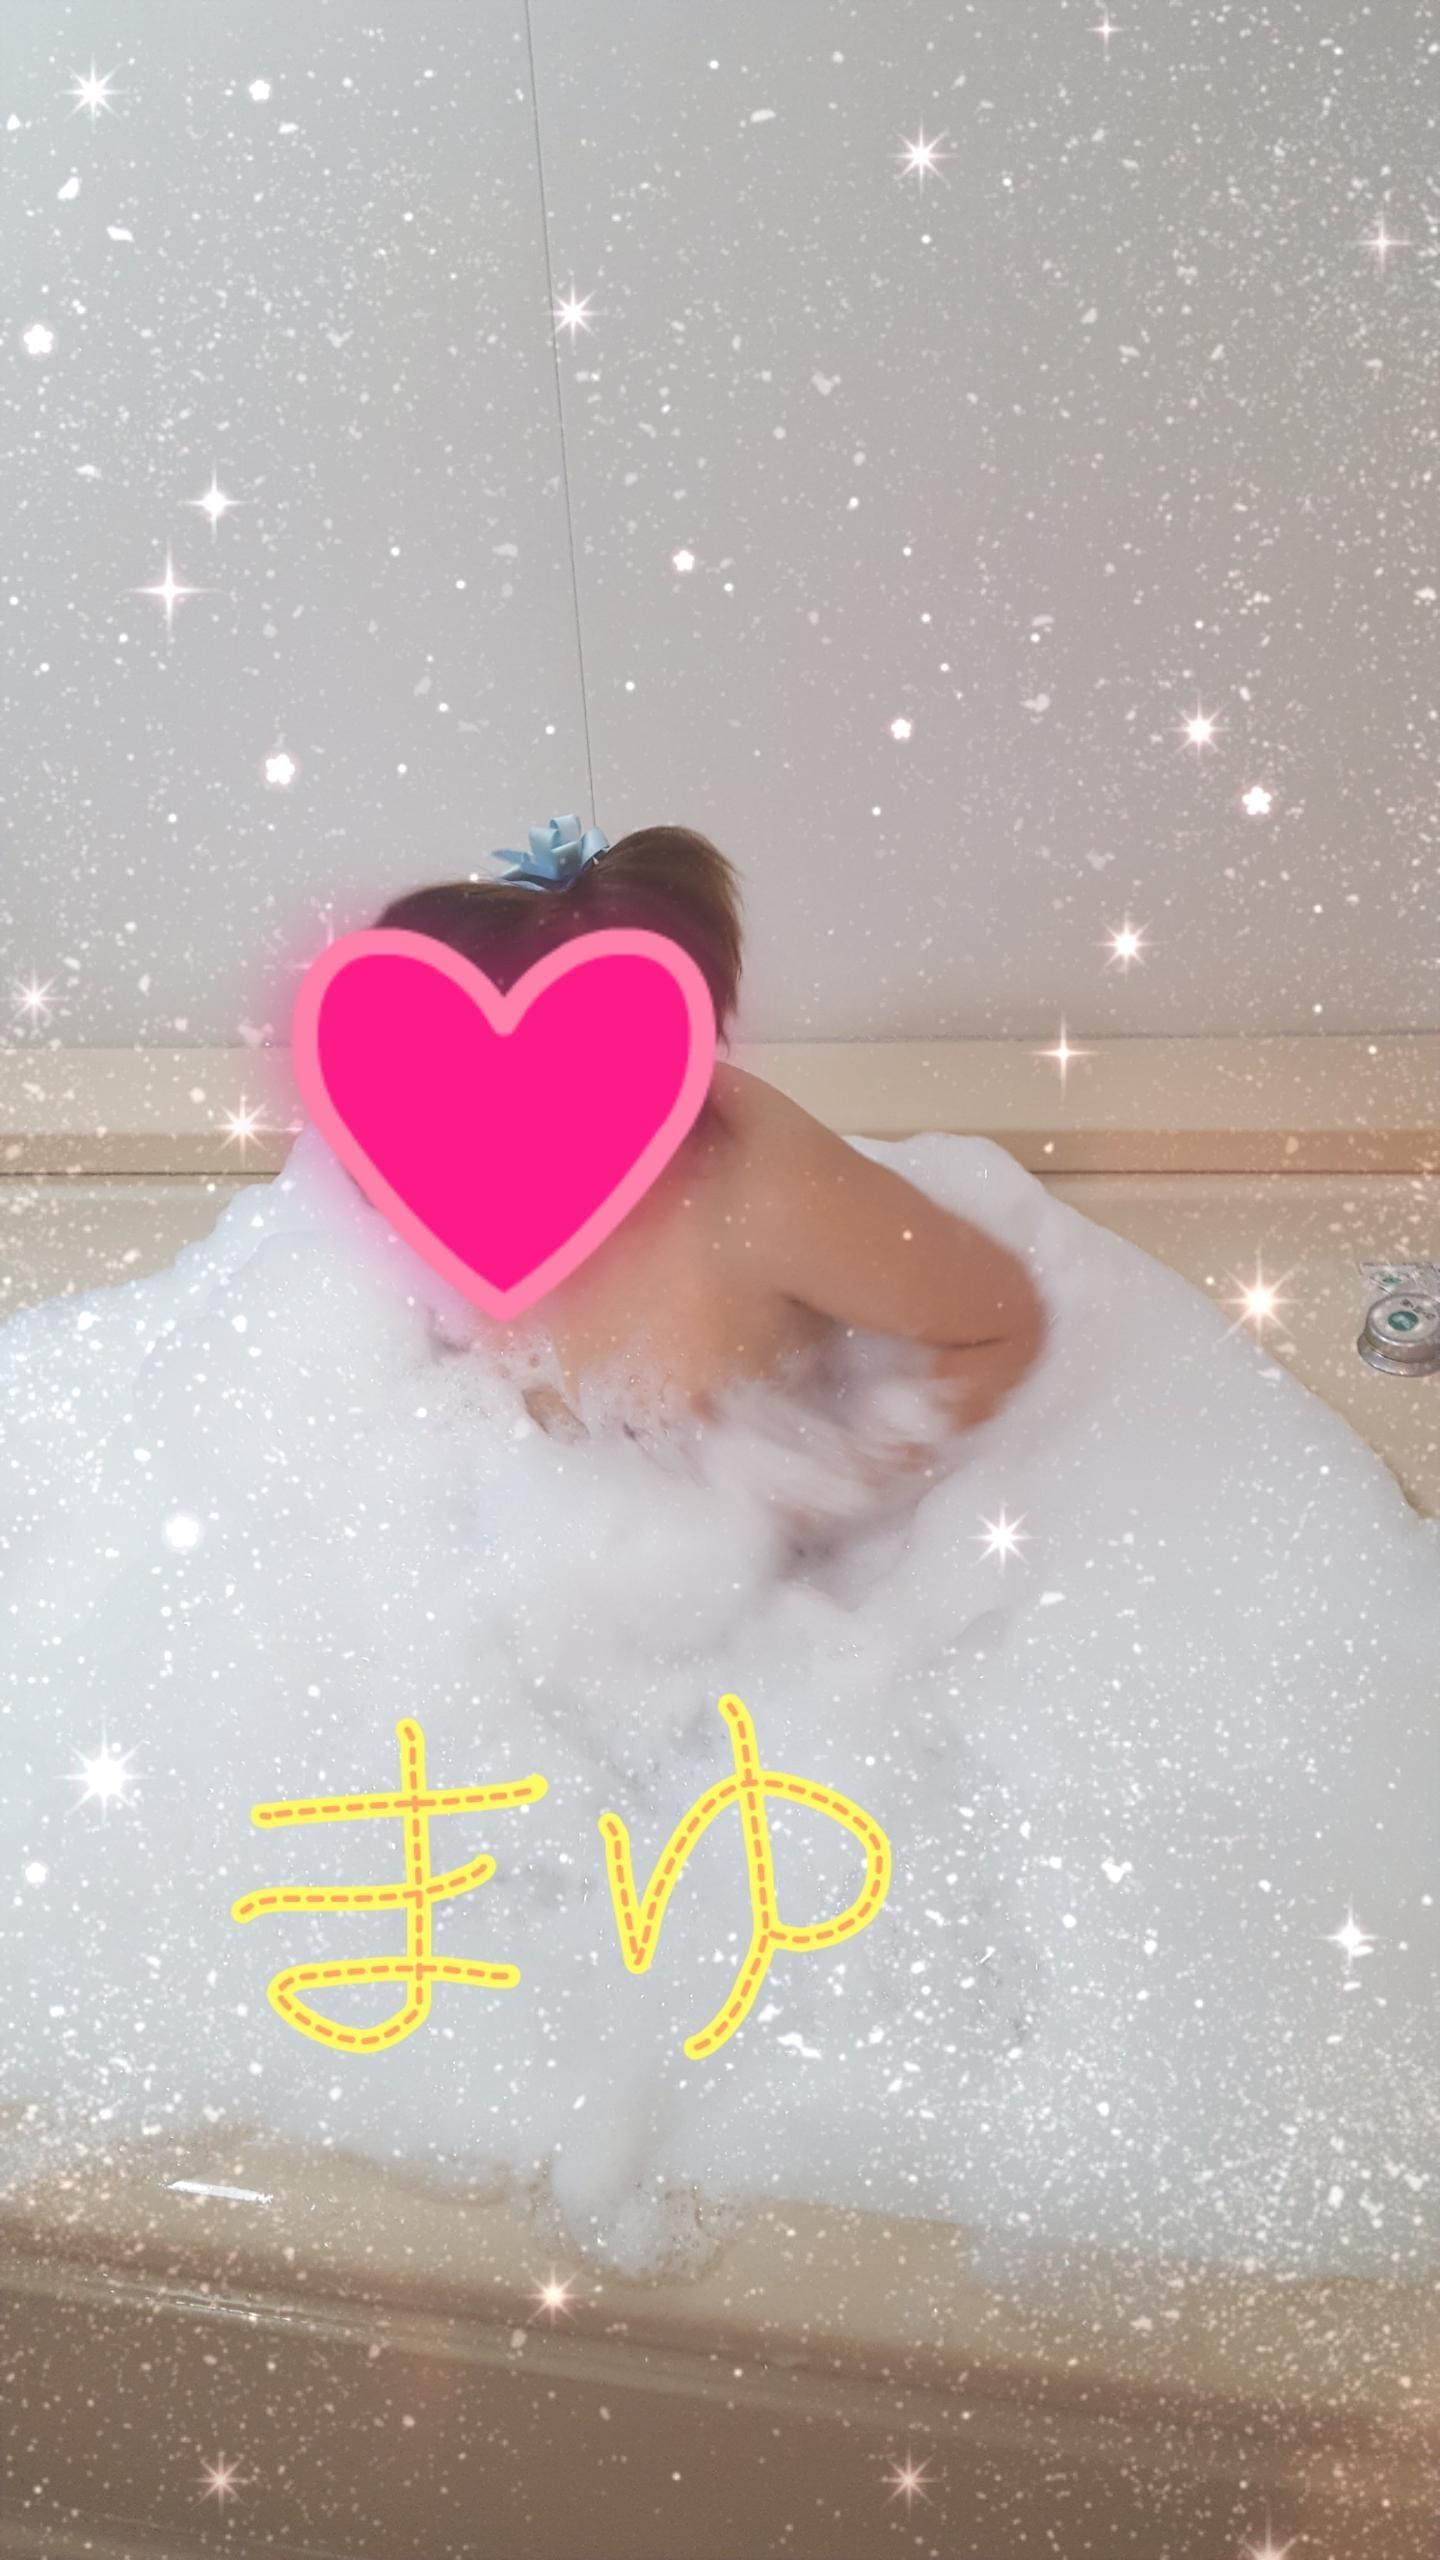 「しゅっきーん!!!」12/14(12/14) 17:59   まゆの写メ・風俗動画